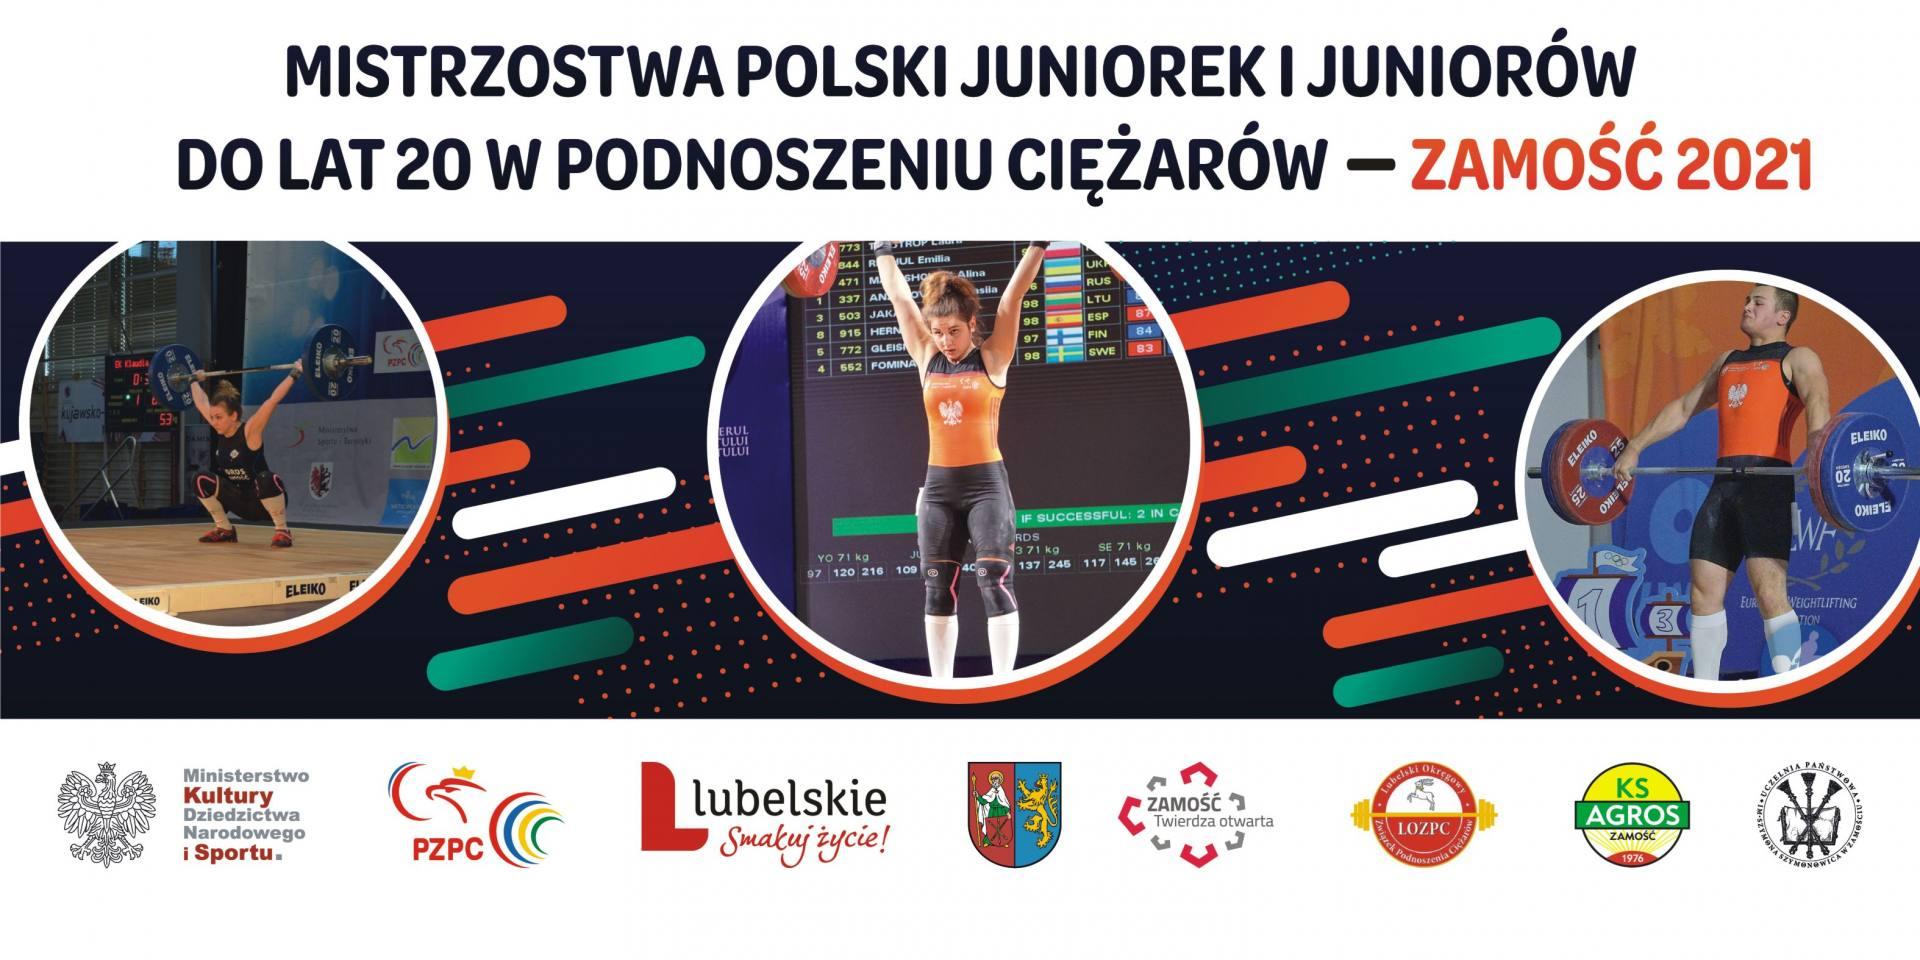 baner ciezary 2021 3 Zamość gospodarzem Mistrzostw Polski